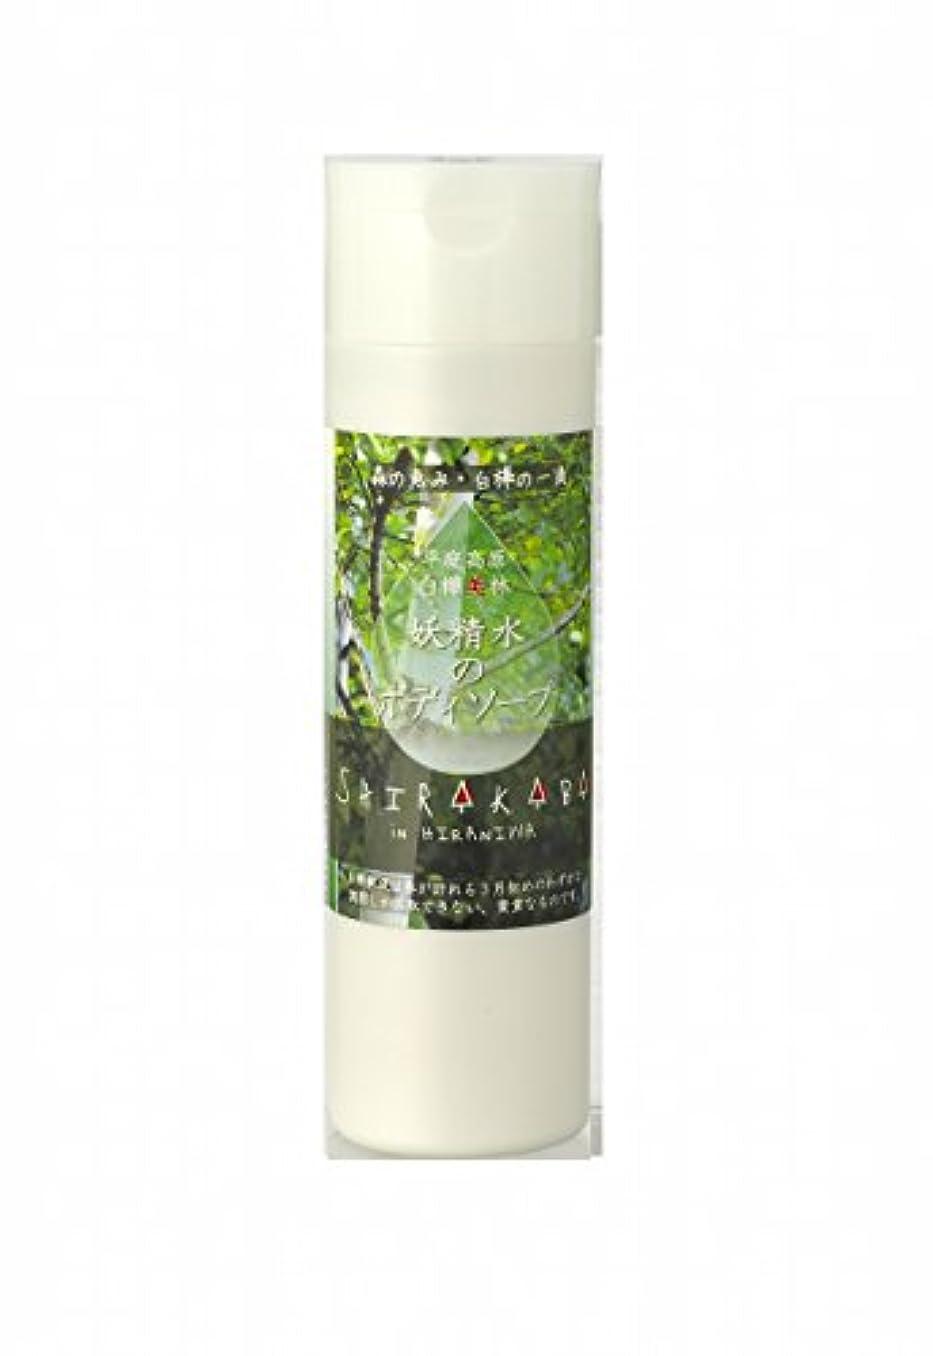 変更可能二週間光の平庭高原白樺美林 妖精水のボディソープ 天然成分 [美肌?保湿] 復興支援